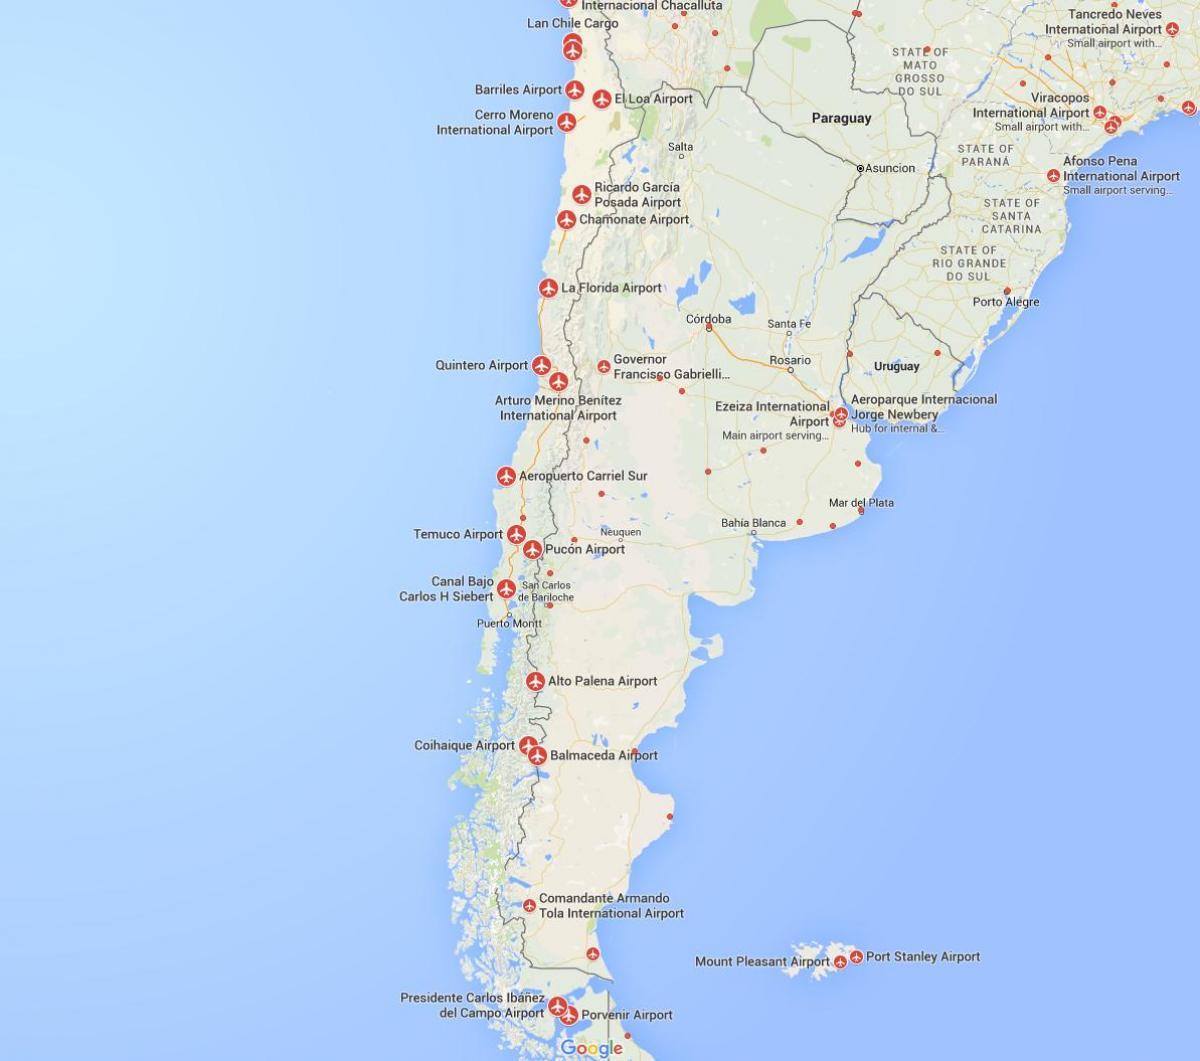 Karte Anzeigen.Chile Flughafen Karte Karte Der Flughafen In Chile South